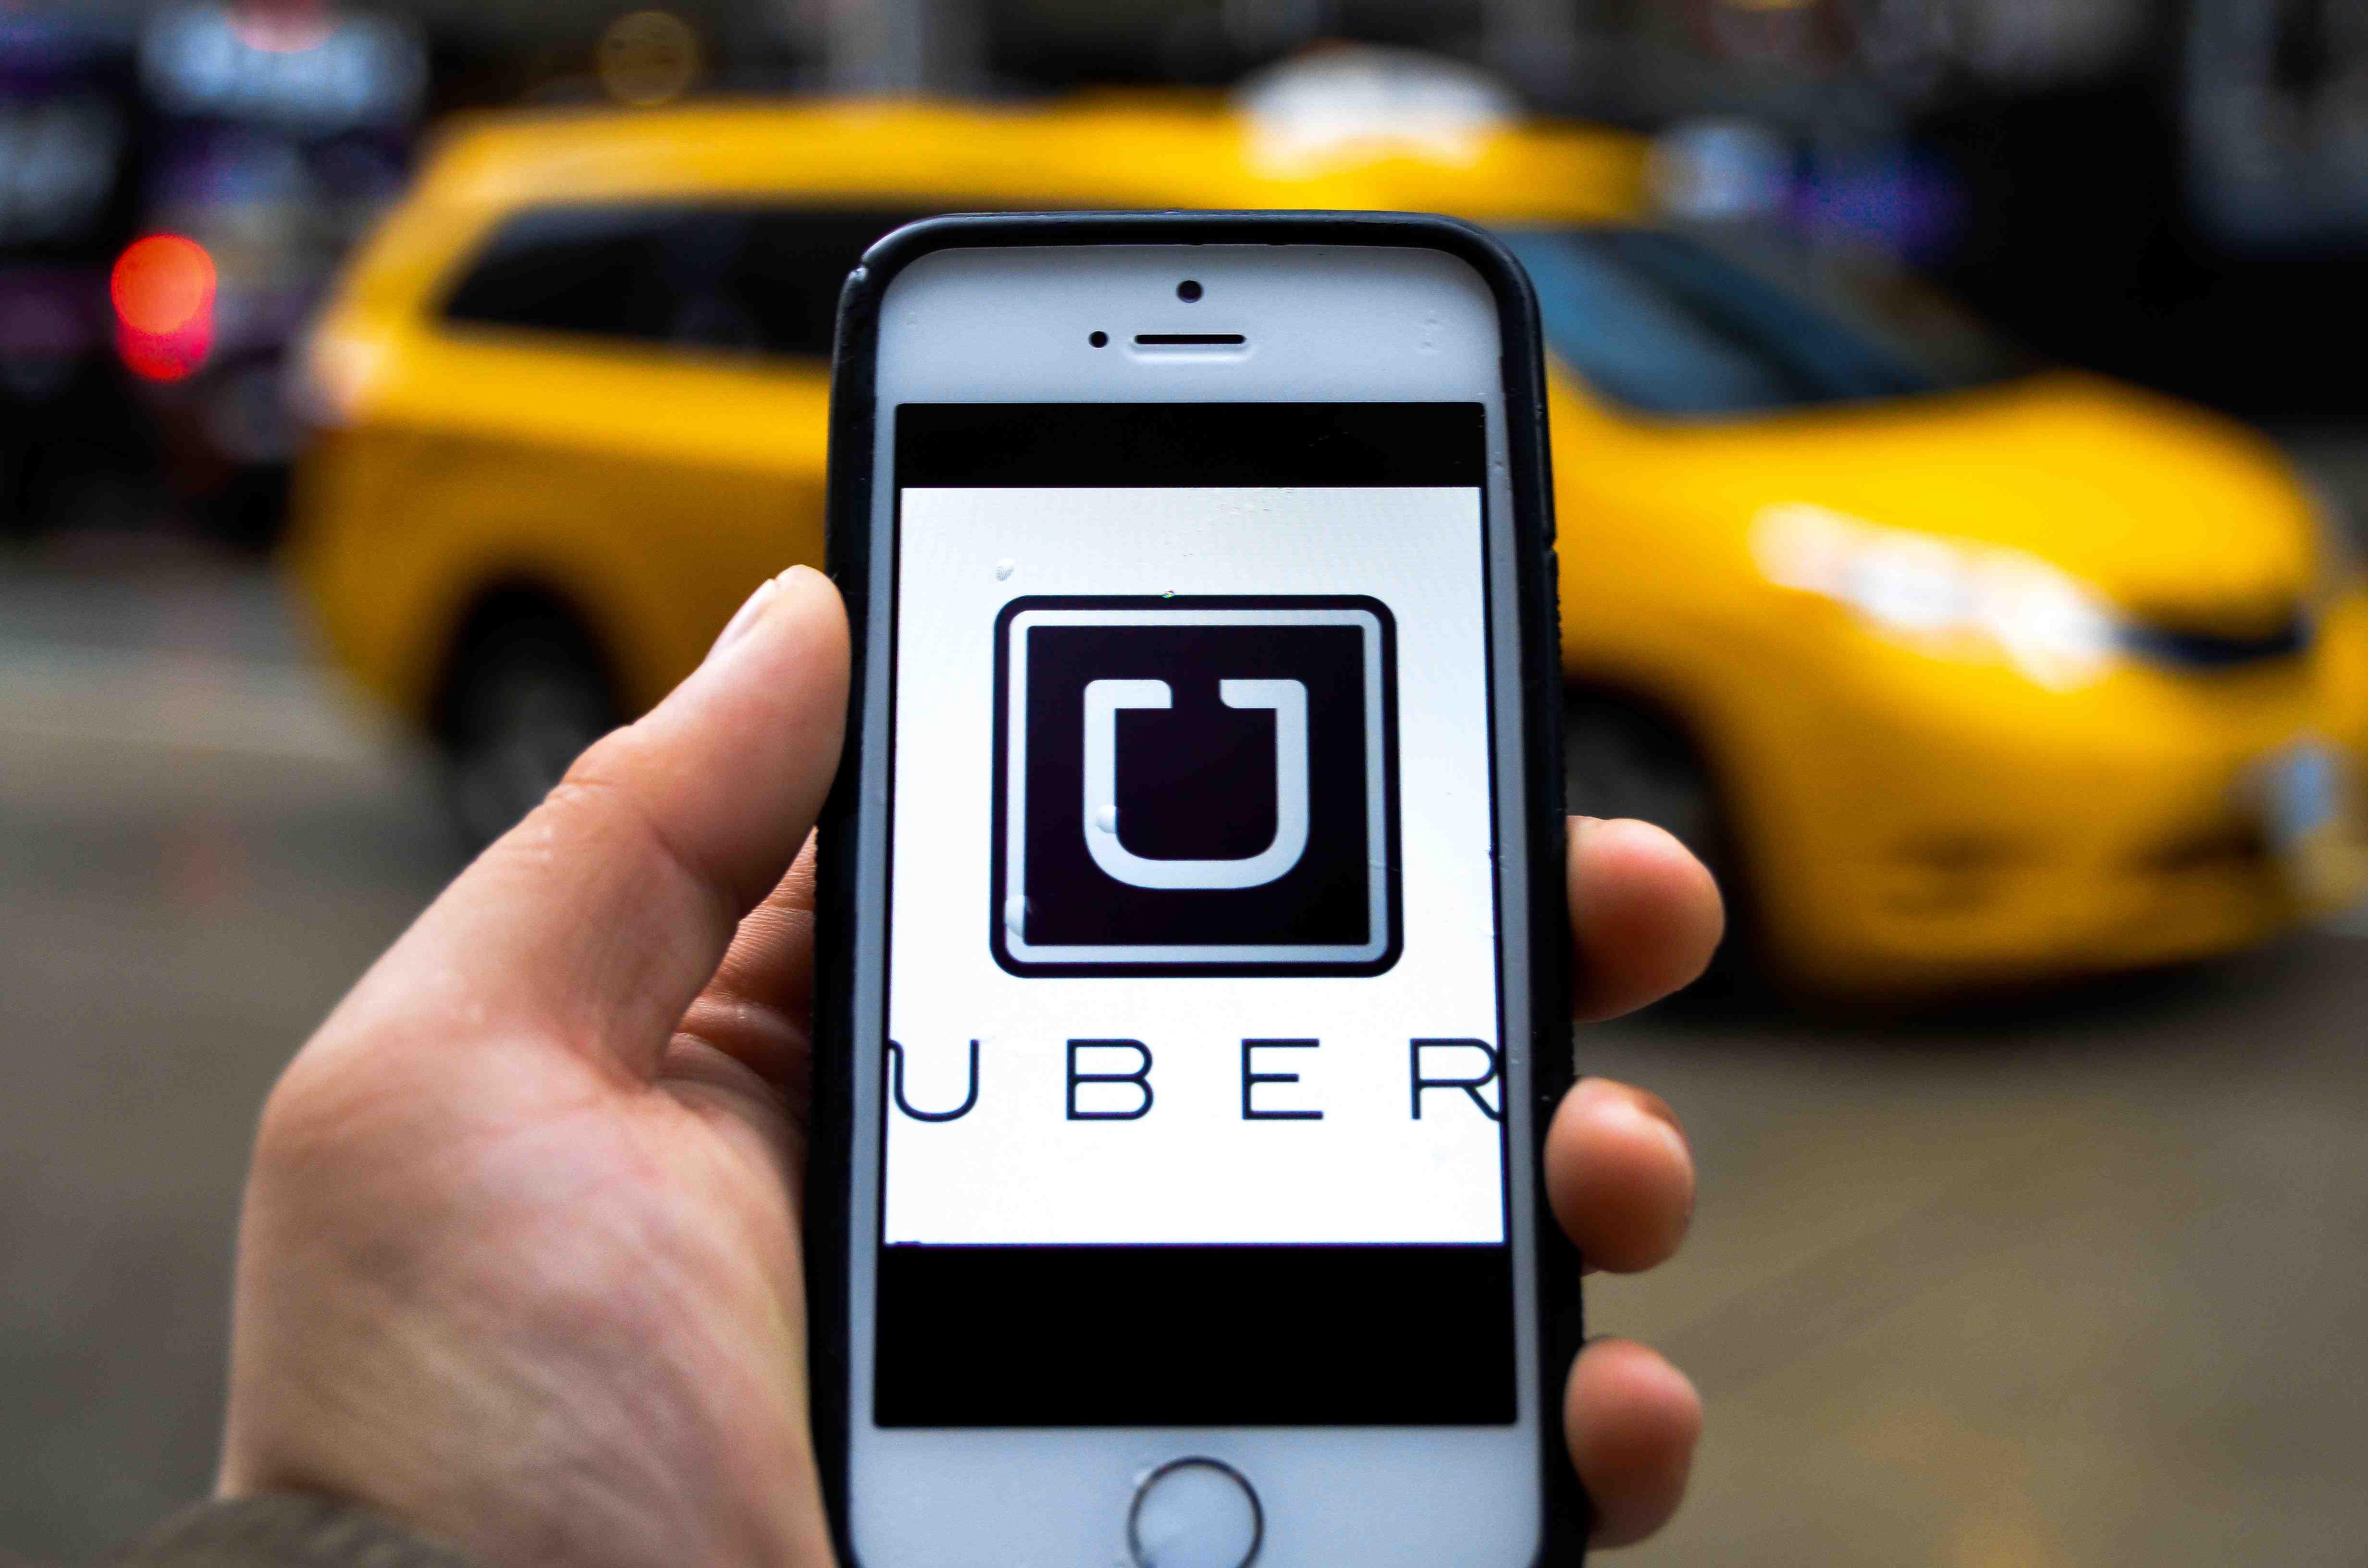 Что такое uber, как им пользоваться и как на нем зарабатывать